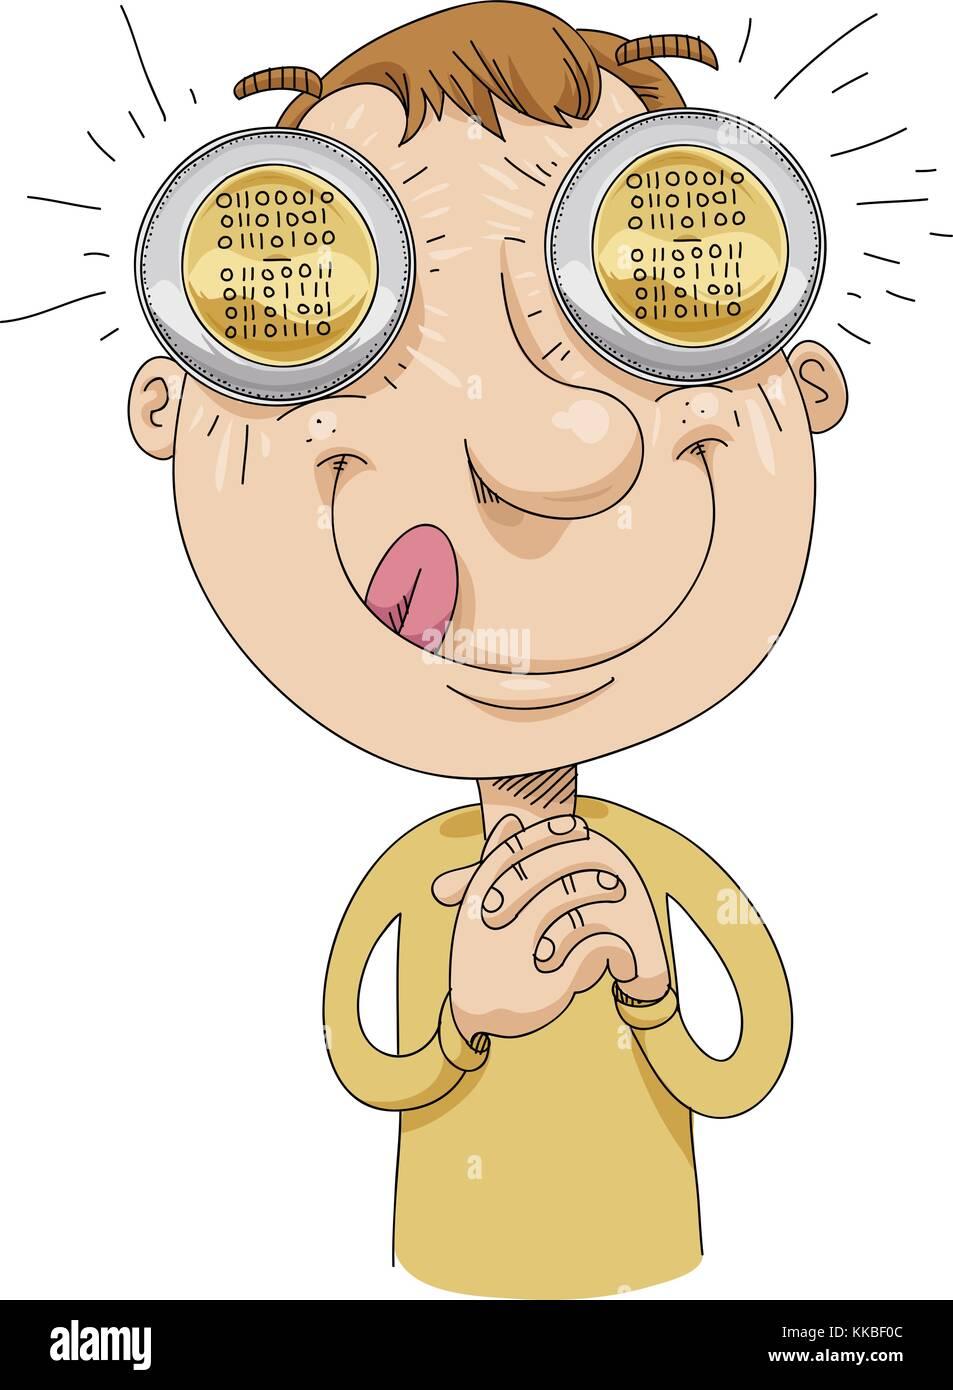 Un Codicioso Hombre De Dibujos Animados Con Bitcoins En Sus Ojos